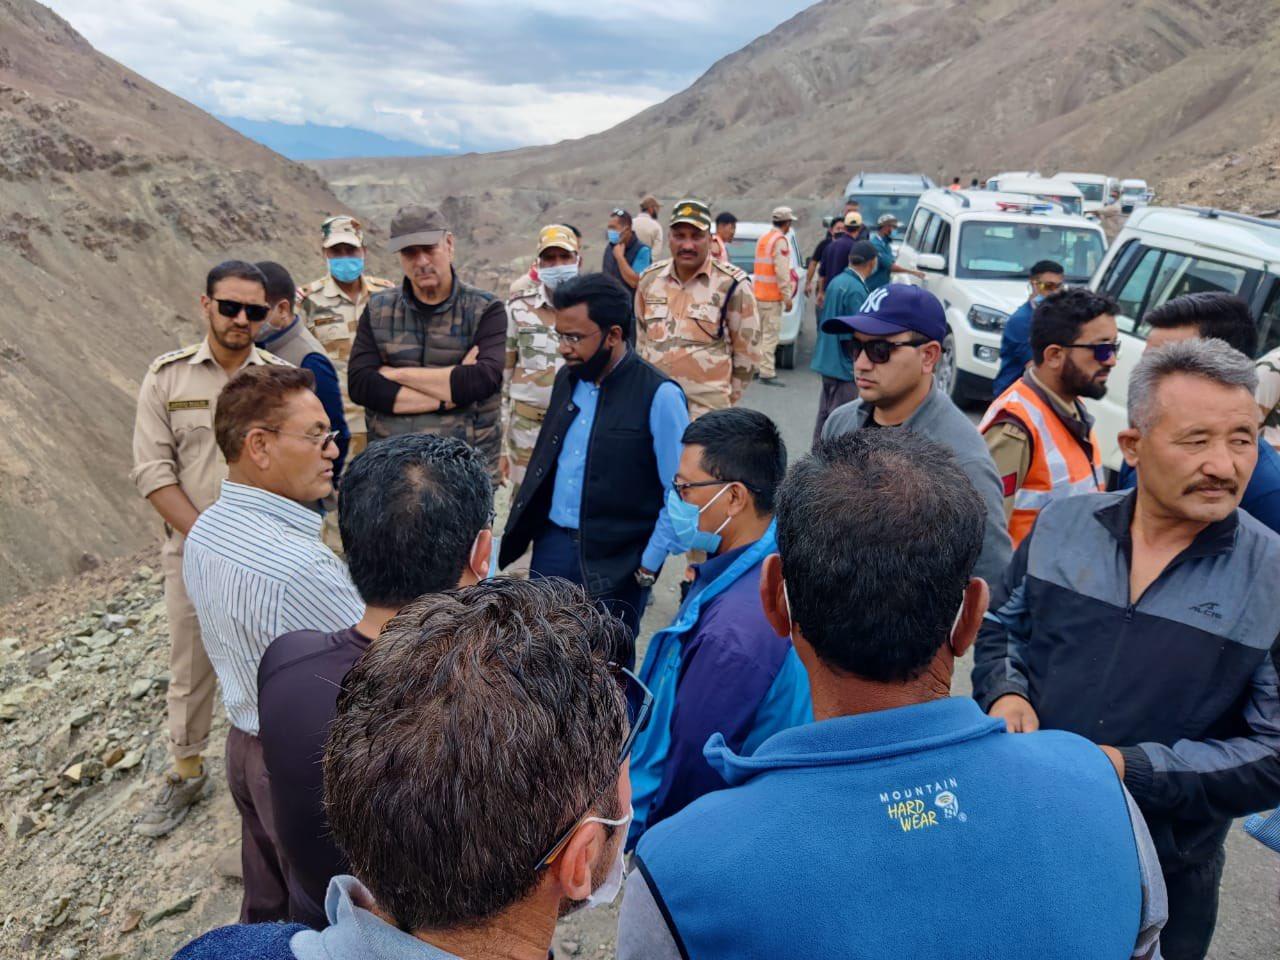 लेह के डिस्ट्रिक्ट कलेक्टर और SSP ने बाढ़ प्रभावित क्षेत्र रंबक-जिंगचेन का निरीक्षण किया।